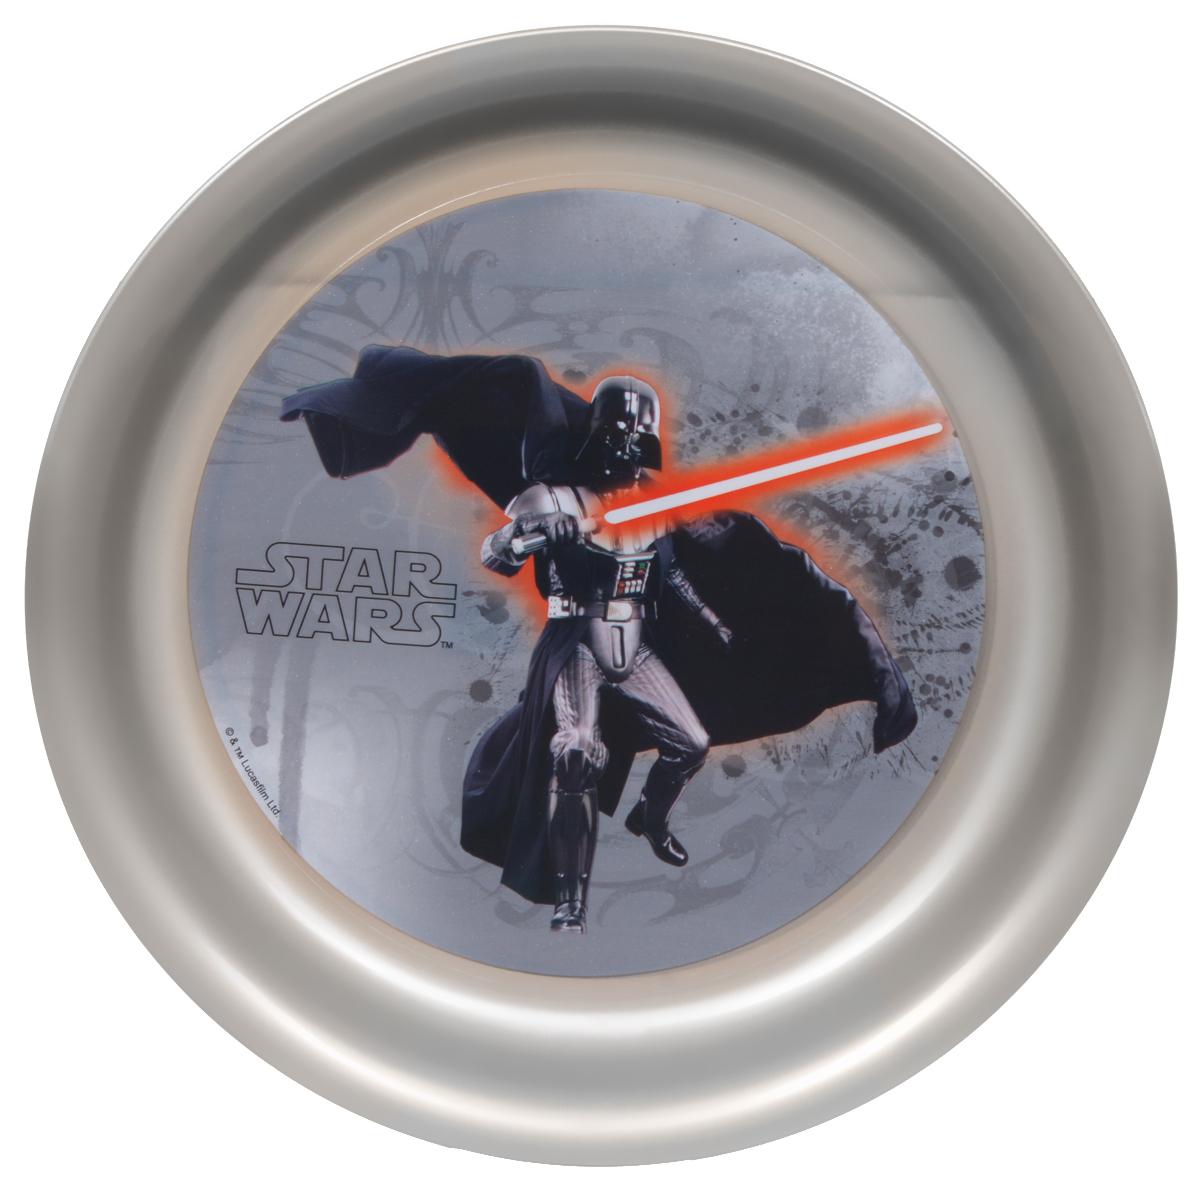 Star Wars Тарелка детская Дарт Вейдер диаметр 19 см115510Детская тарелка Star Wars Дарт Вейдер станет отличным подарком для любого фаната знаменитой саги. Она выполнена из полипропилена и оформлена рисунком с изображением Дарта Вейдера. Диаметр тарелки: 19 см. Не подходит для использования в посудомоечной машине и СВЧ-печи.